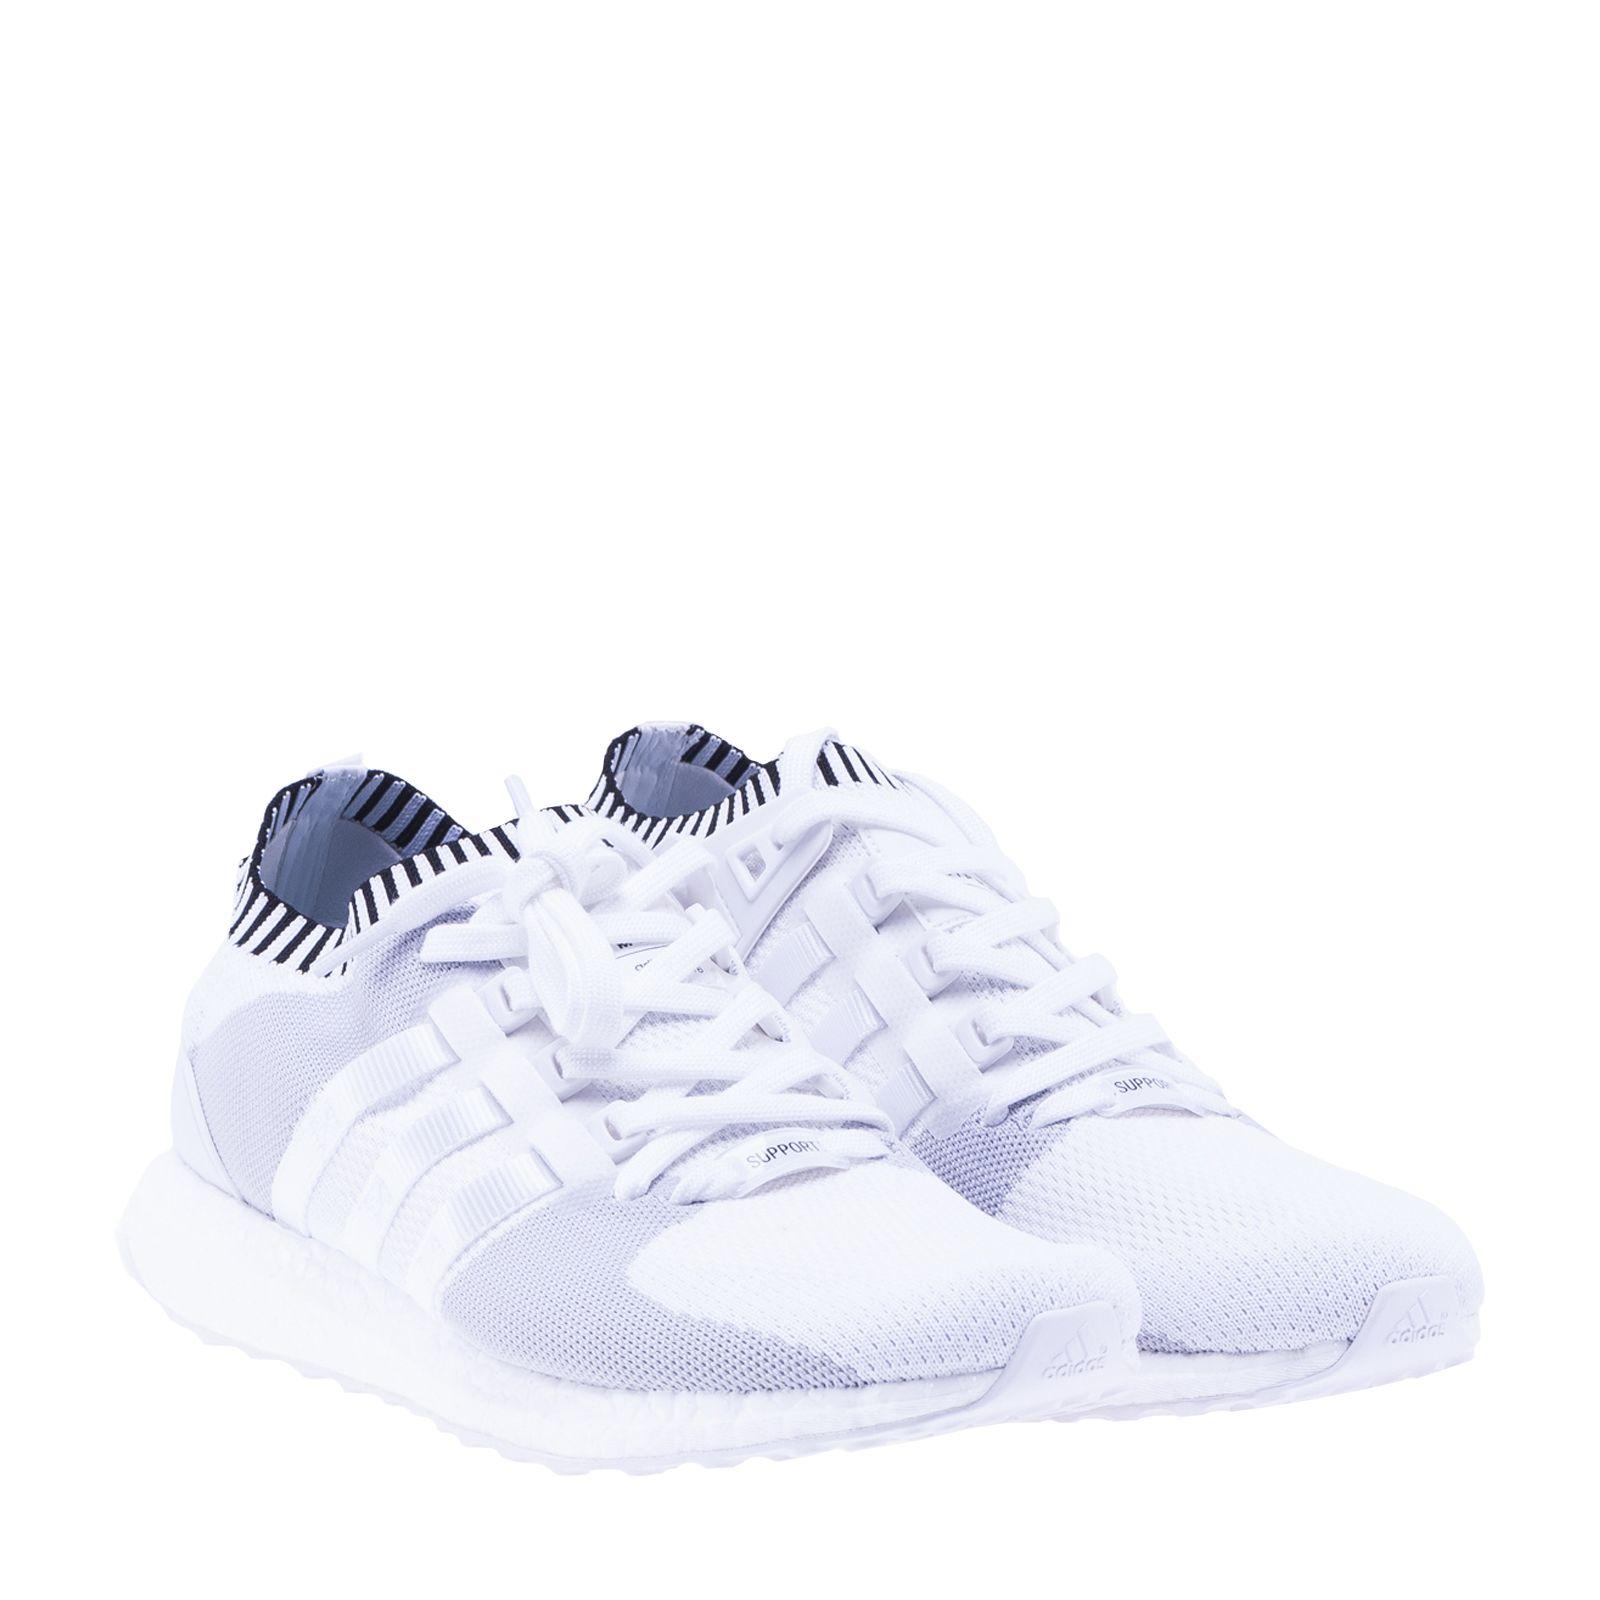 Adidas Originals eqt Support Ultra Pk Sneakers